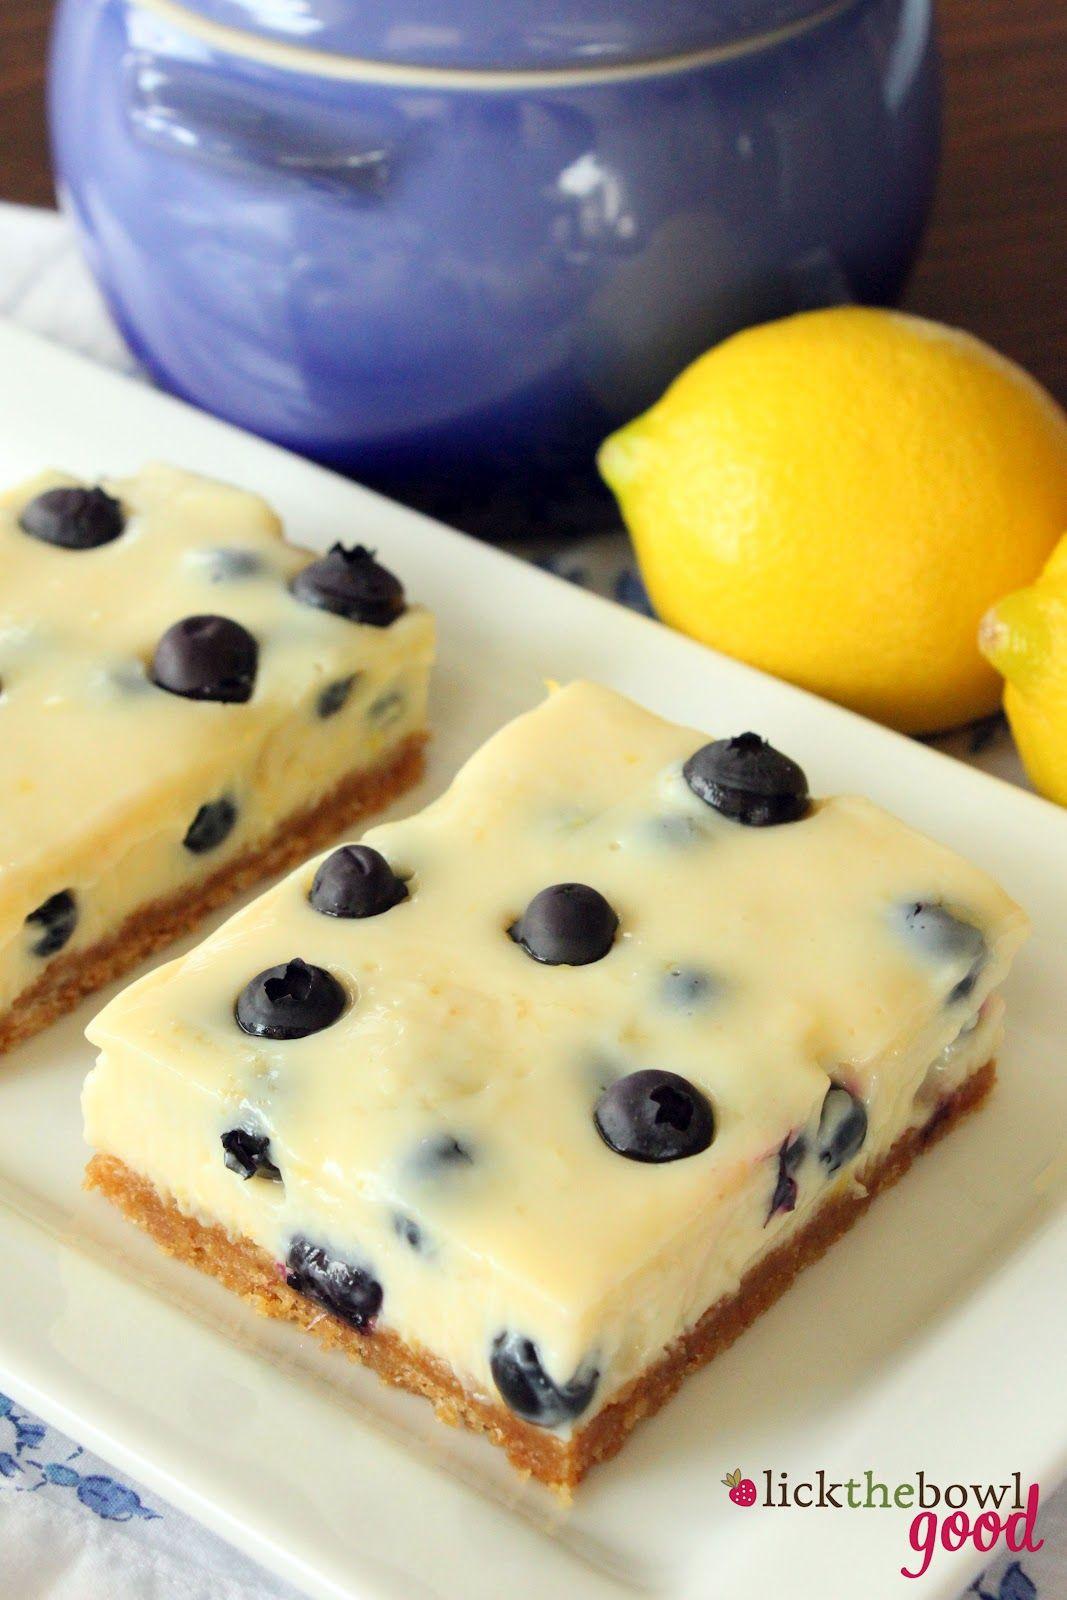 Lick The Bowl Good: Blueberry Lemon Bars